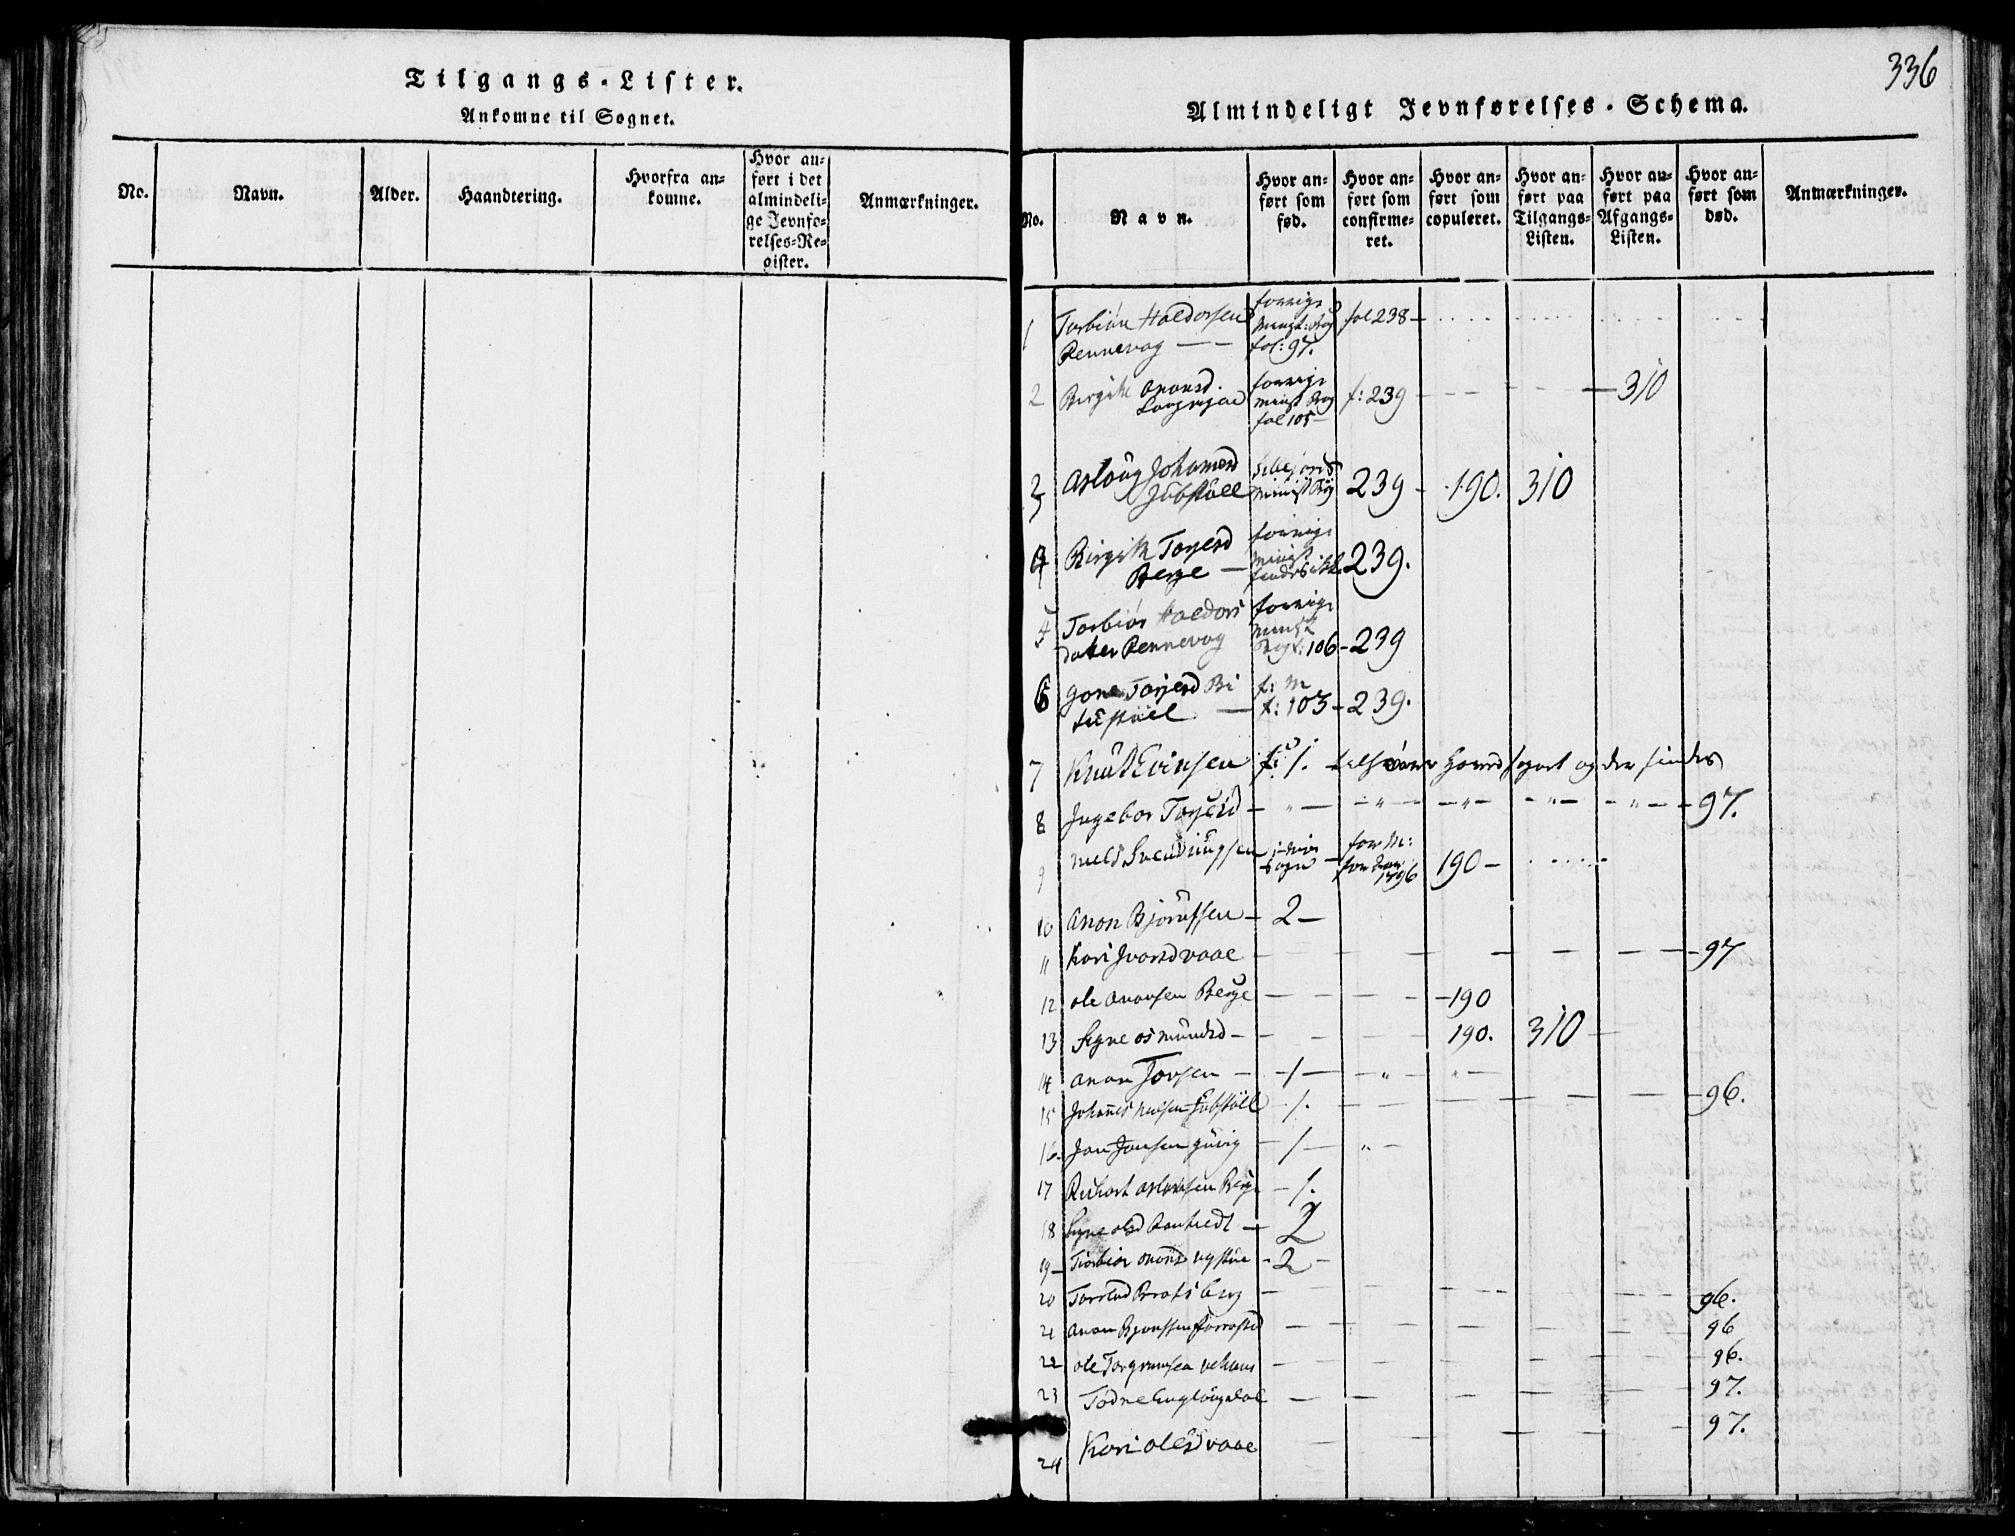 SAKO, Rauland kirkebøker, G/Ga/L0001: Klokkerbok nr. I 1, 1814-1843, s. 336